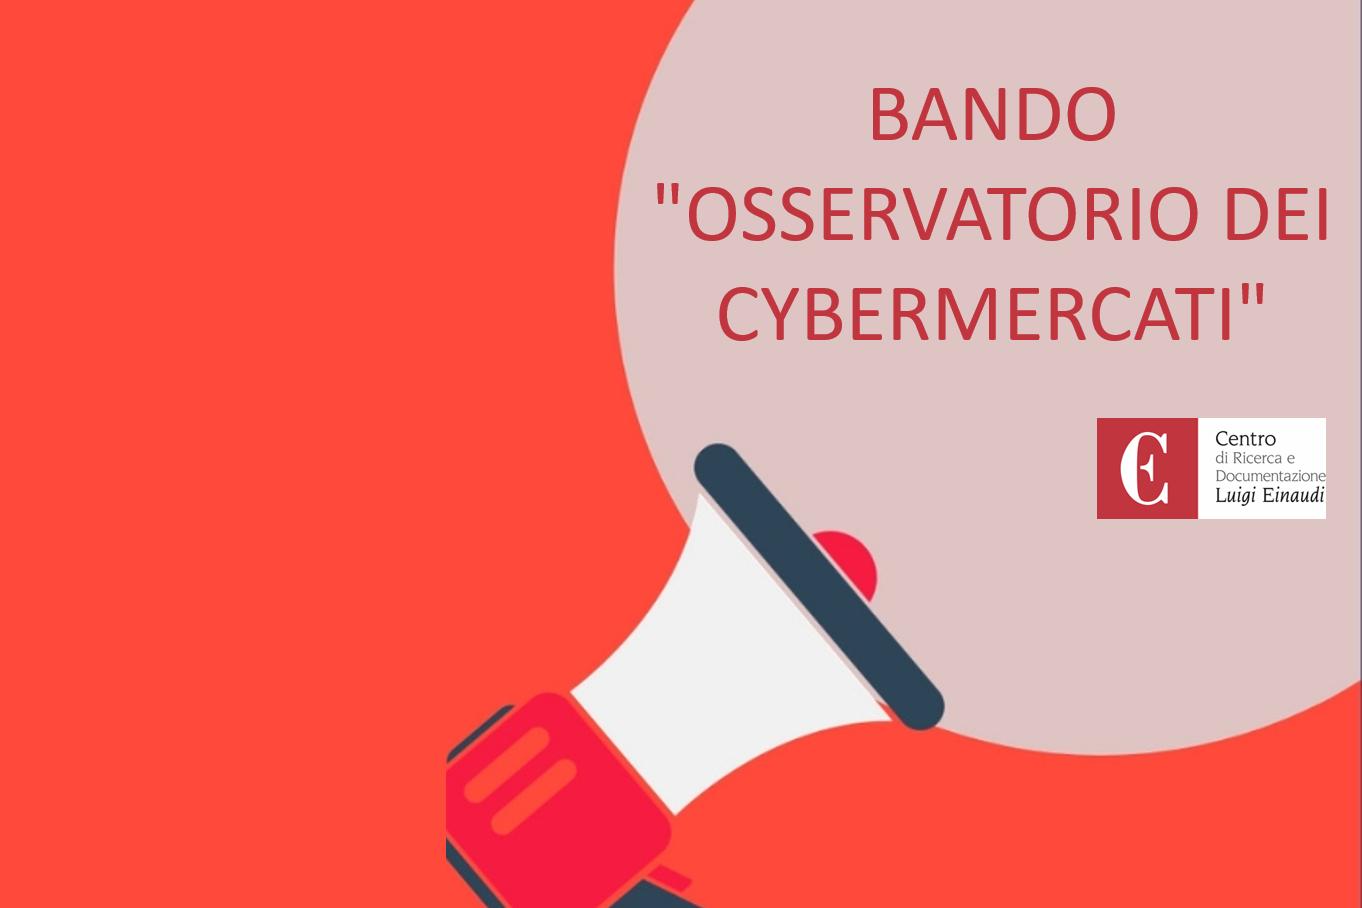 Bando Centro Einaudi 2020: Osservatorio dei cybermercati/Scadenza prorogata al 30 luglio